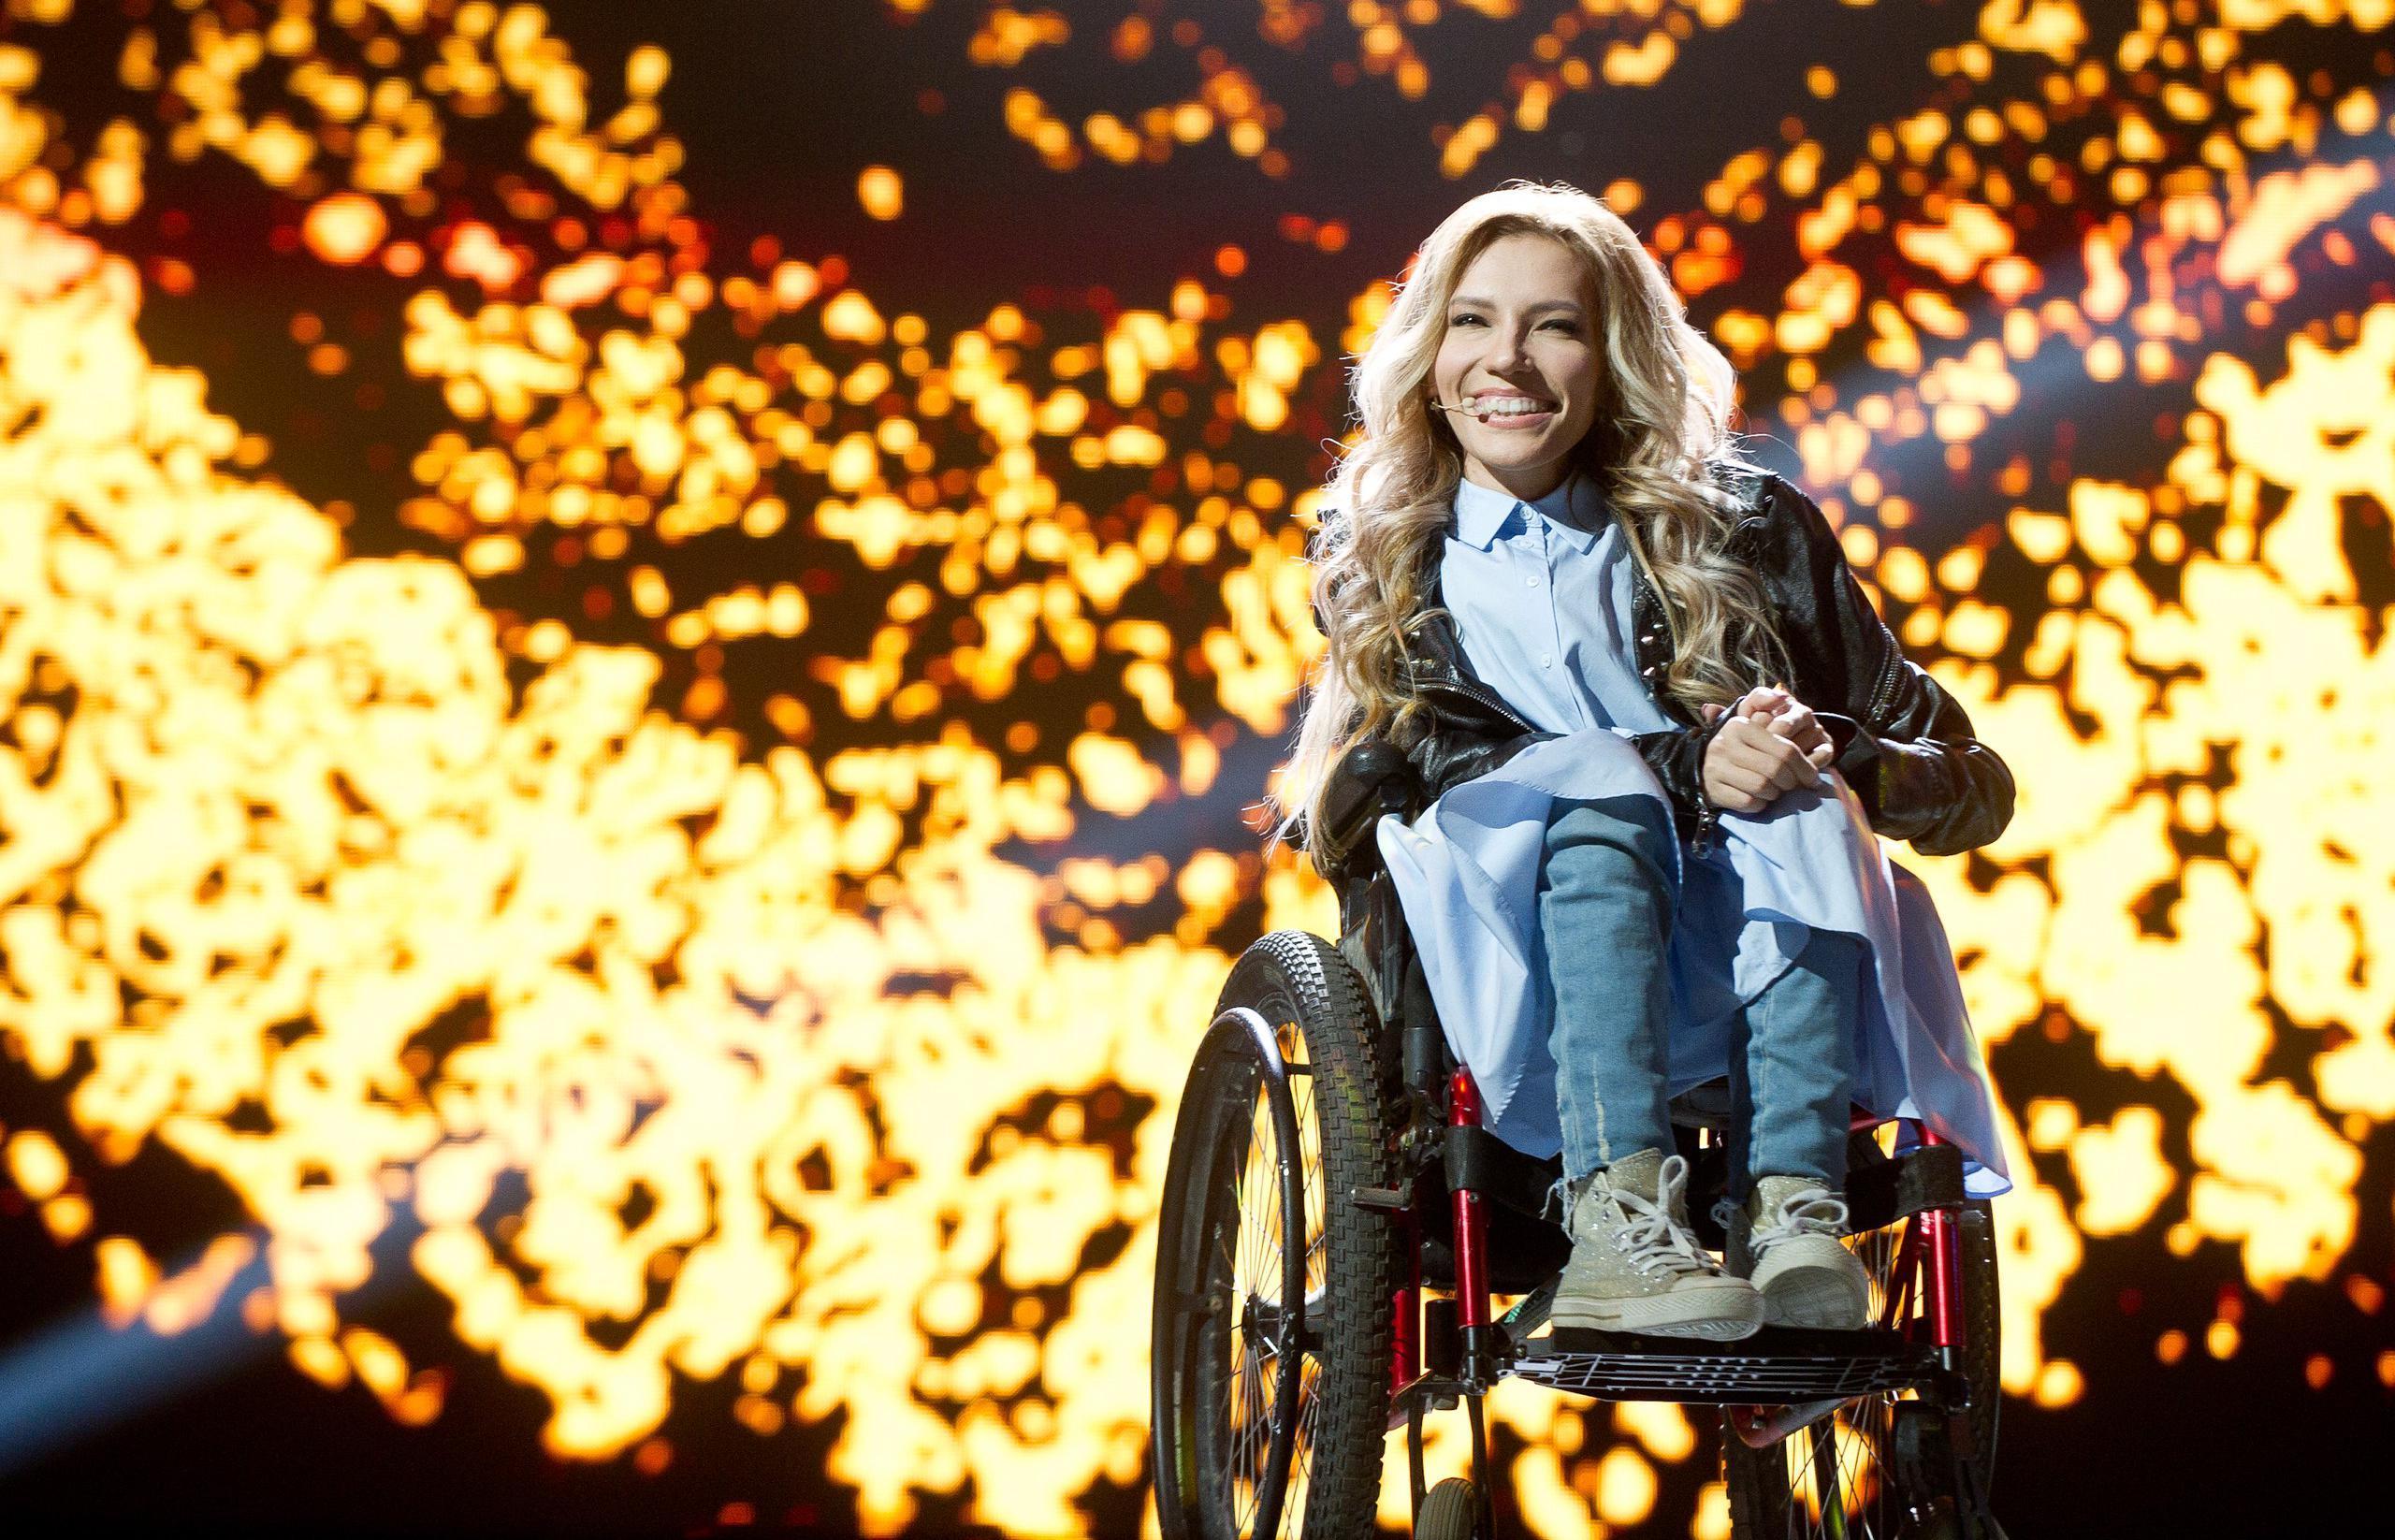 Давайте говорить в СМИ об инвалидности и без Юлии Самойловой, иначе грош нам цена